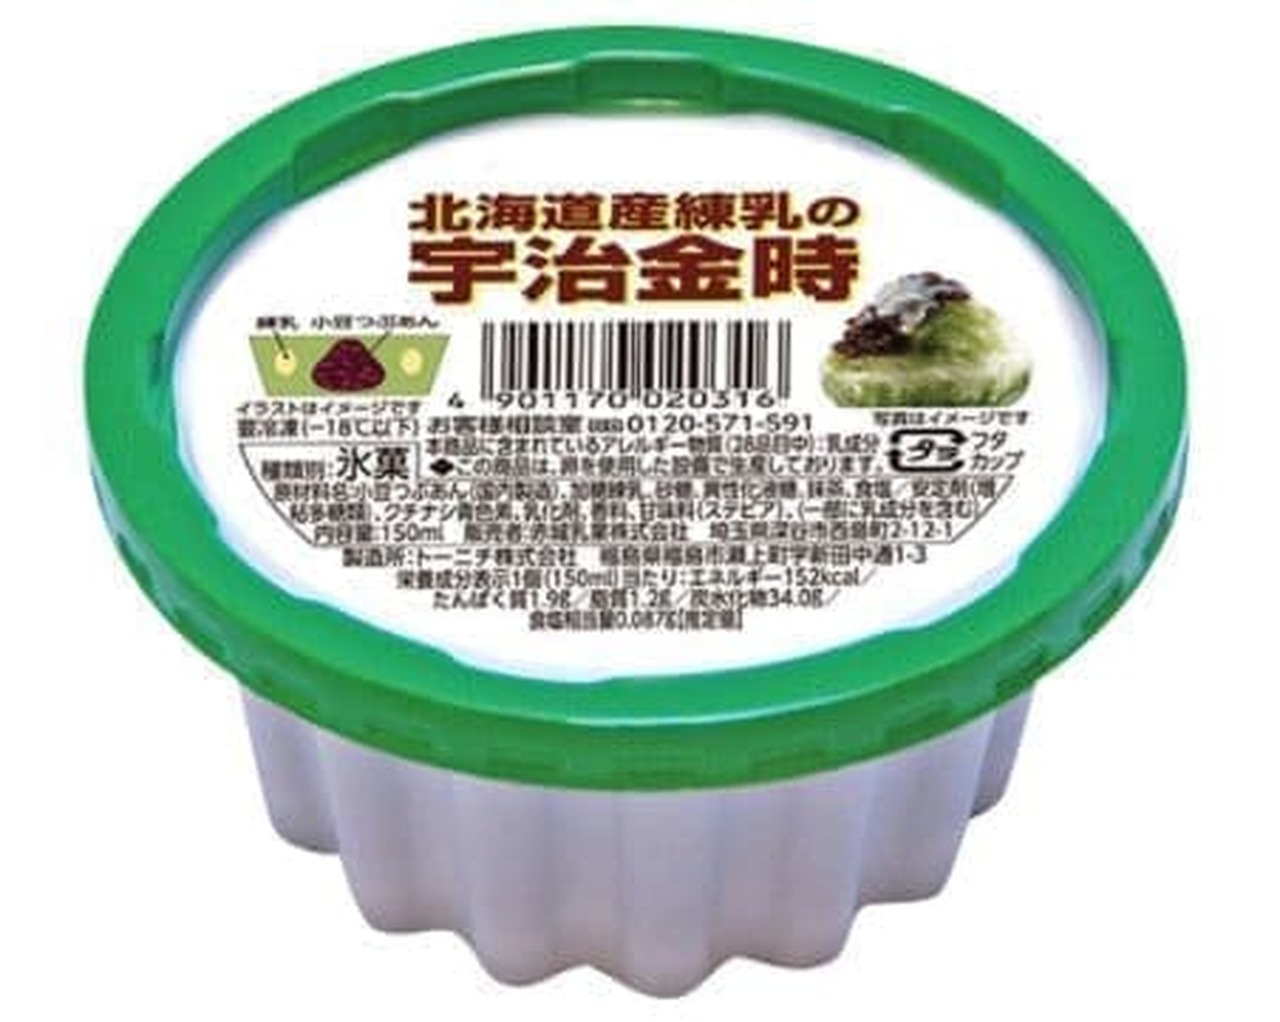 ファミリーマート「北海道産練乳の宇治金時」